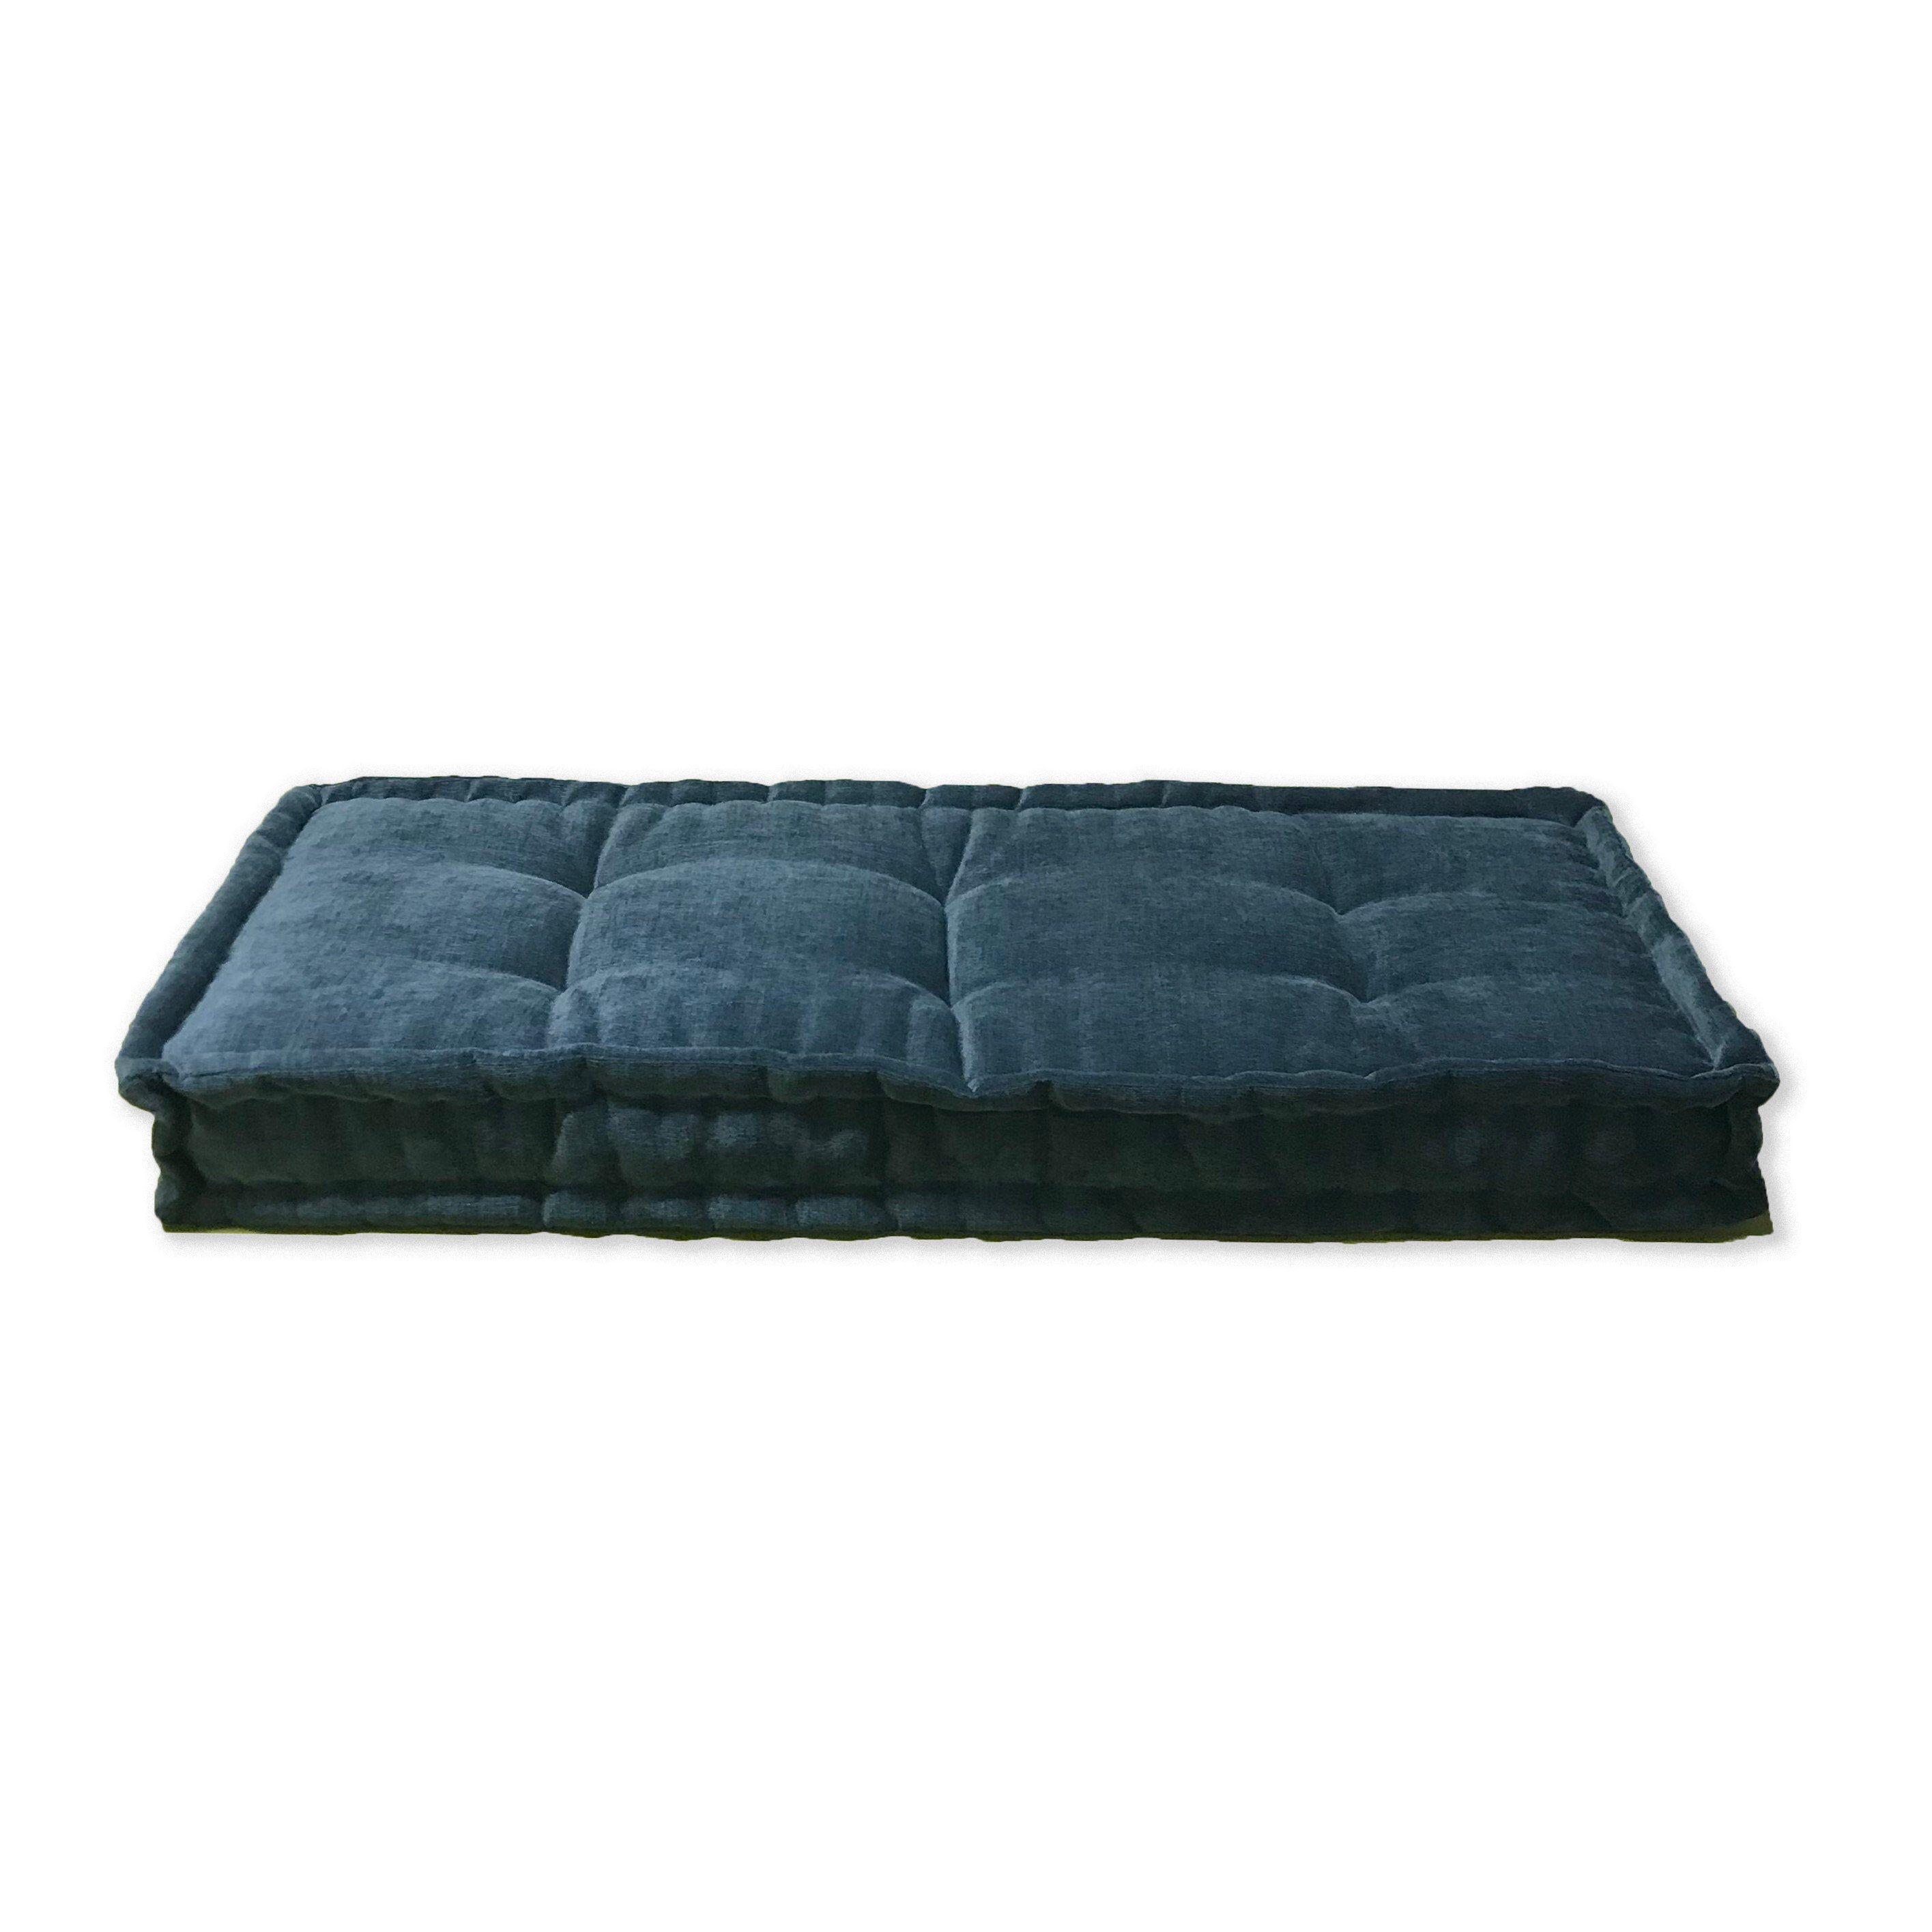 Custom Tufted Farmhouse Style Bench Cushion Floor